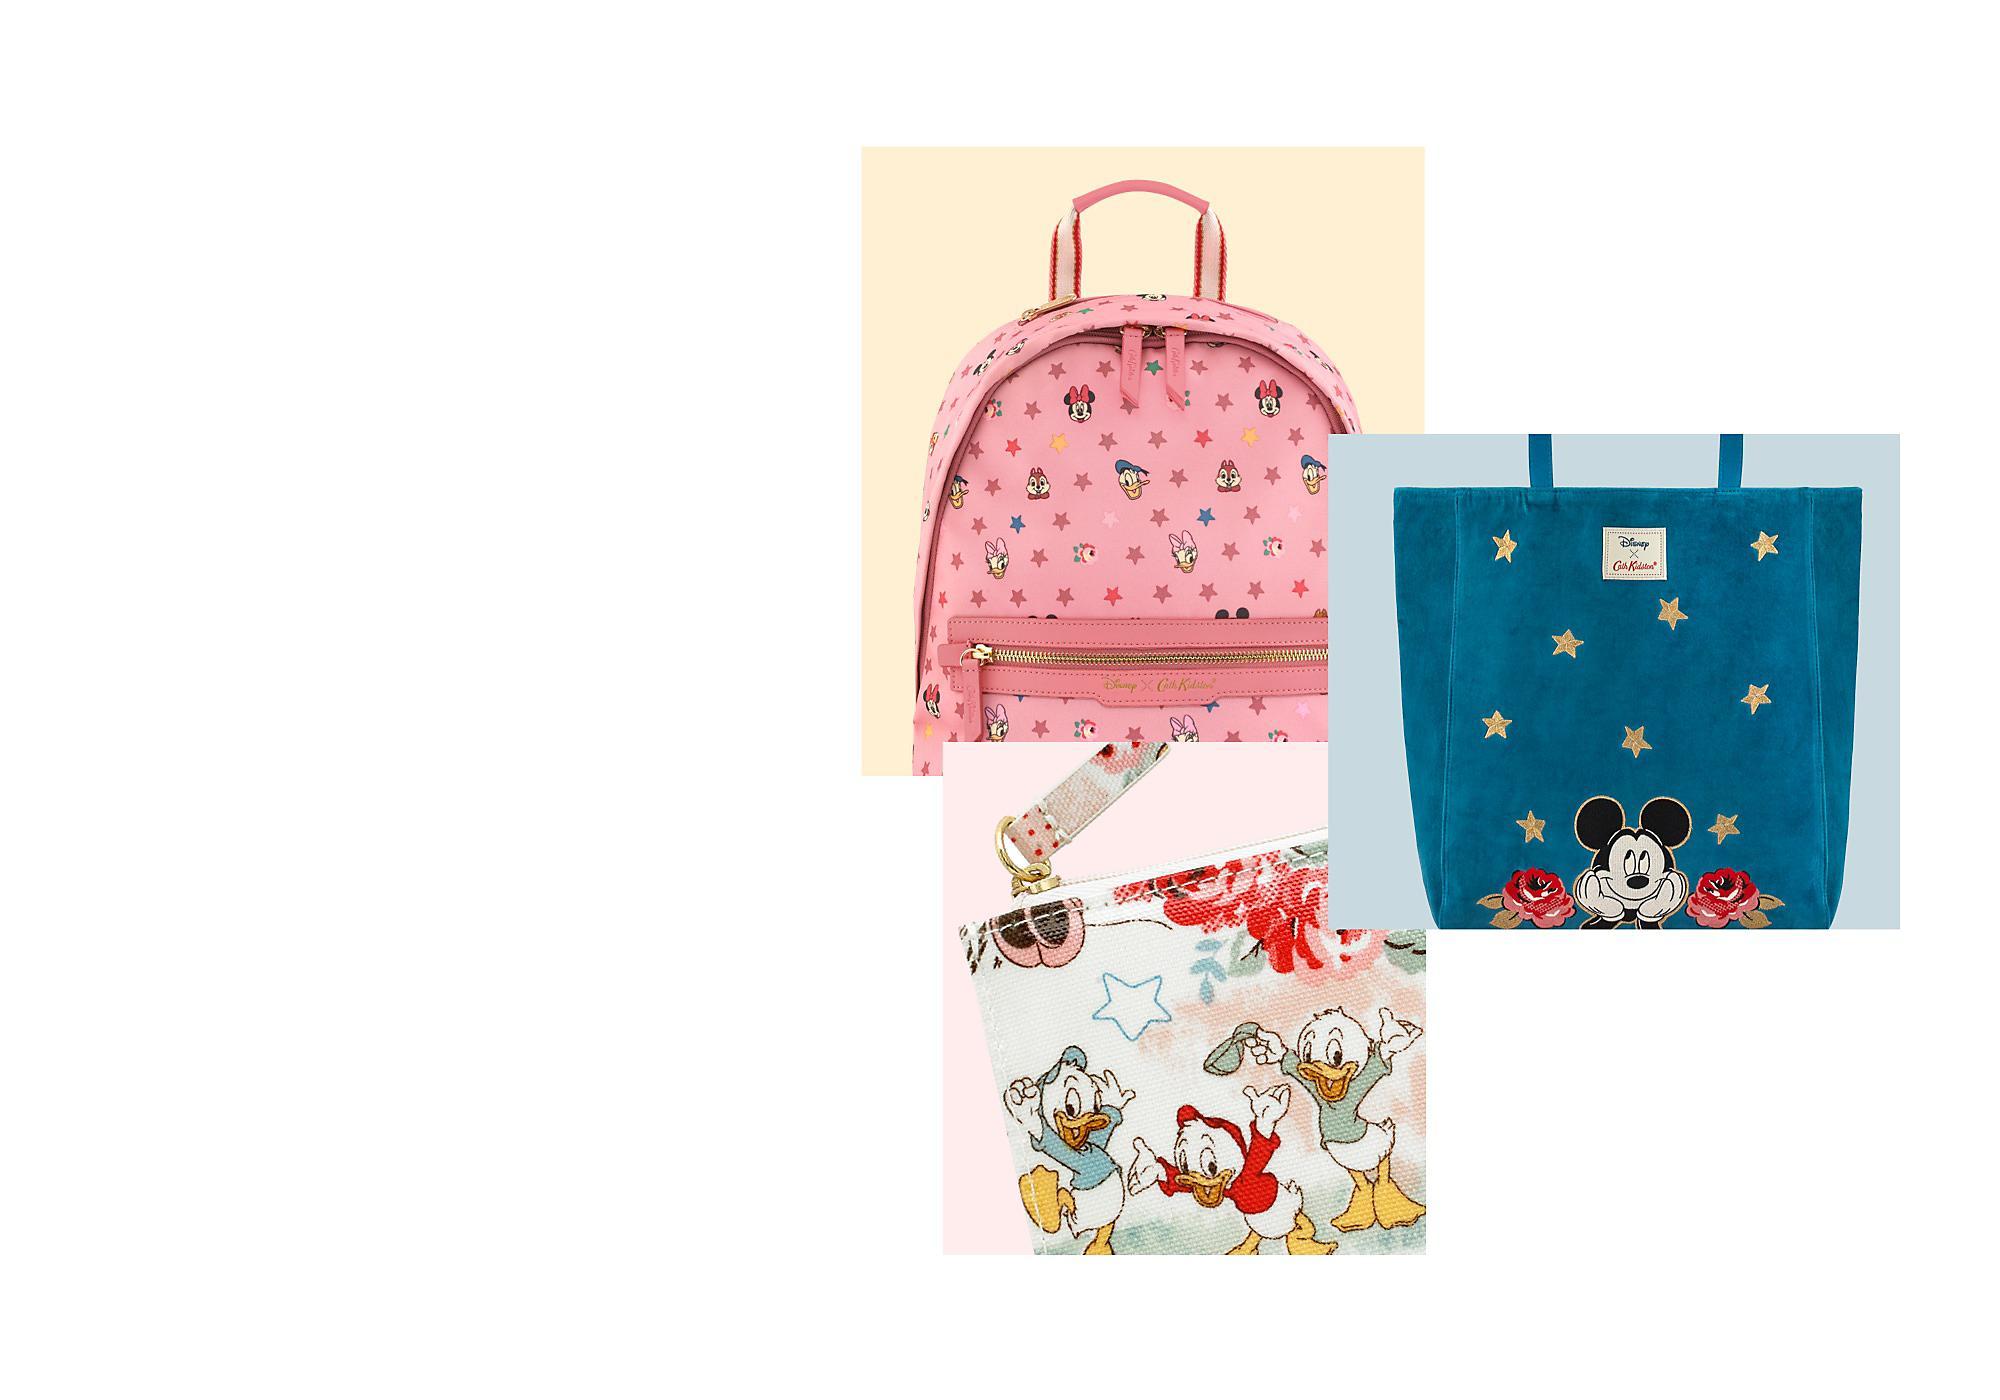 La plus belle collection d'entre toutes Fruit de la collaboration Cath Kidston x Disney Snow White, voici la merveilleuse collection de vêtements, accessoires, articles de maison et plus sur le thème de Blanche Neige.